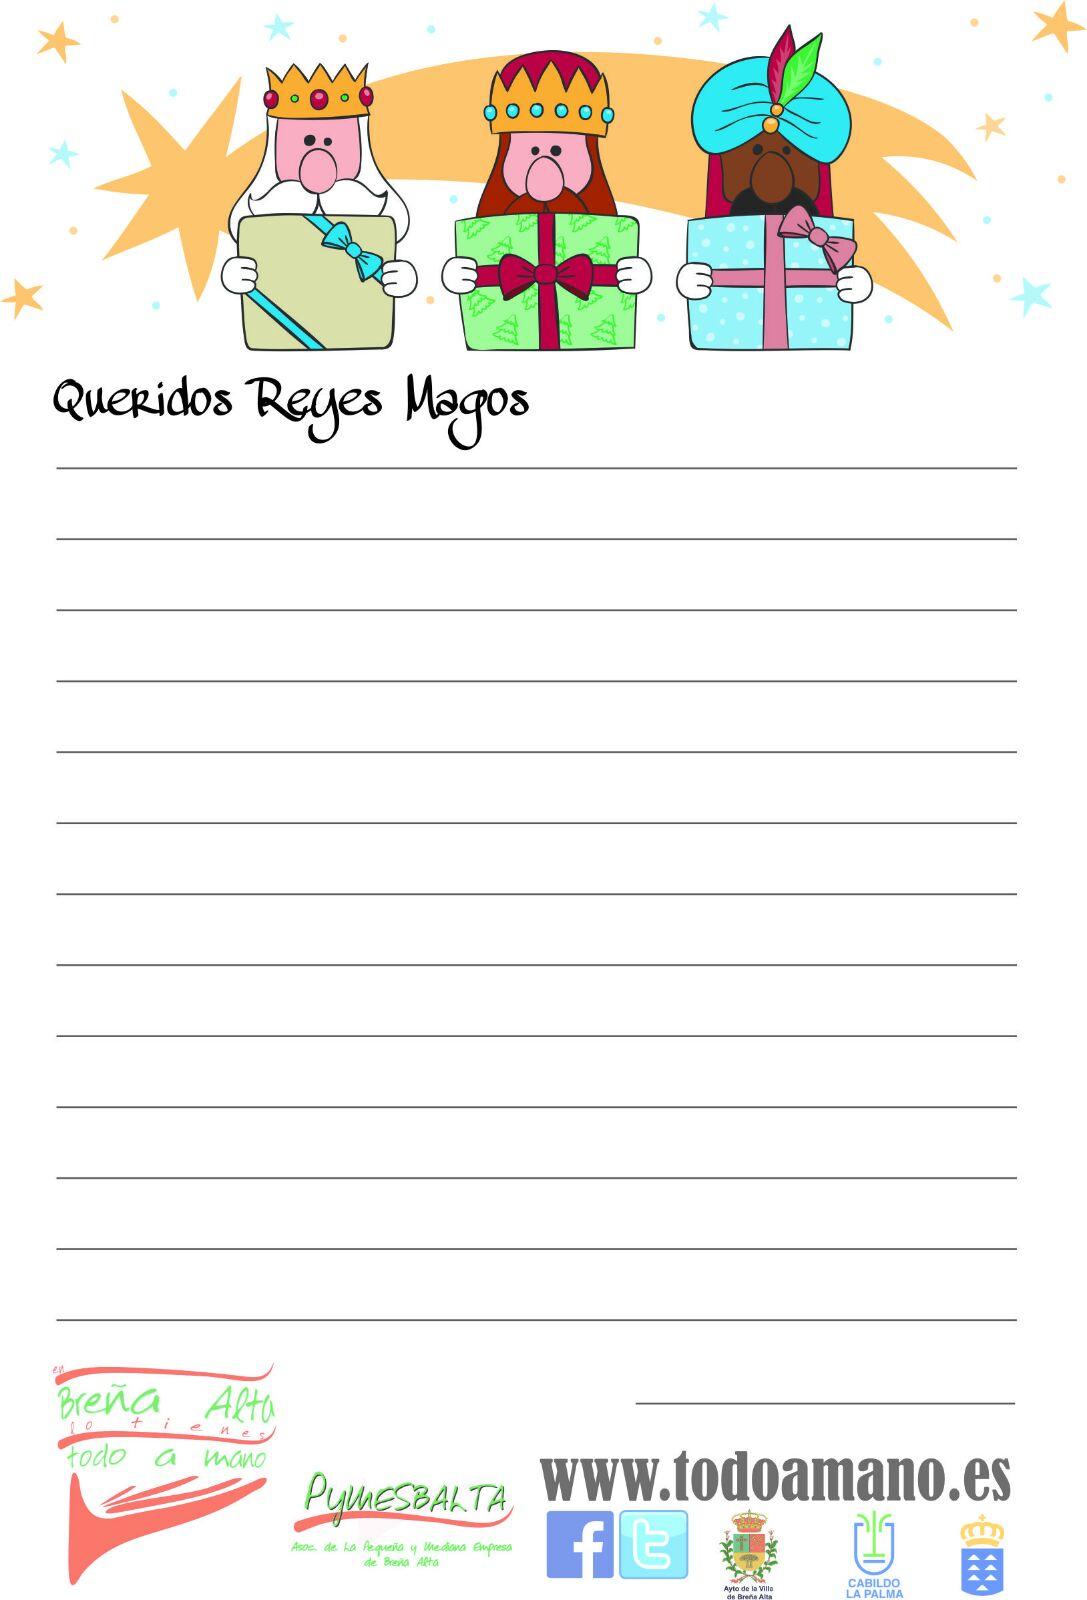 Mi carta a los Reyes Magos - PYMESBALTA